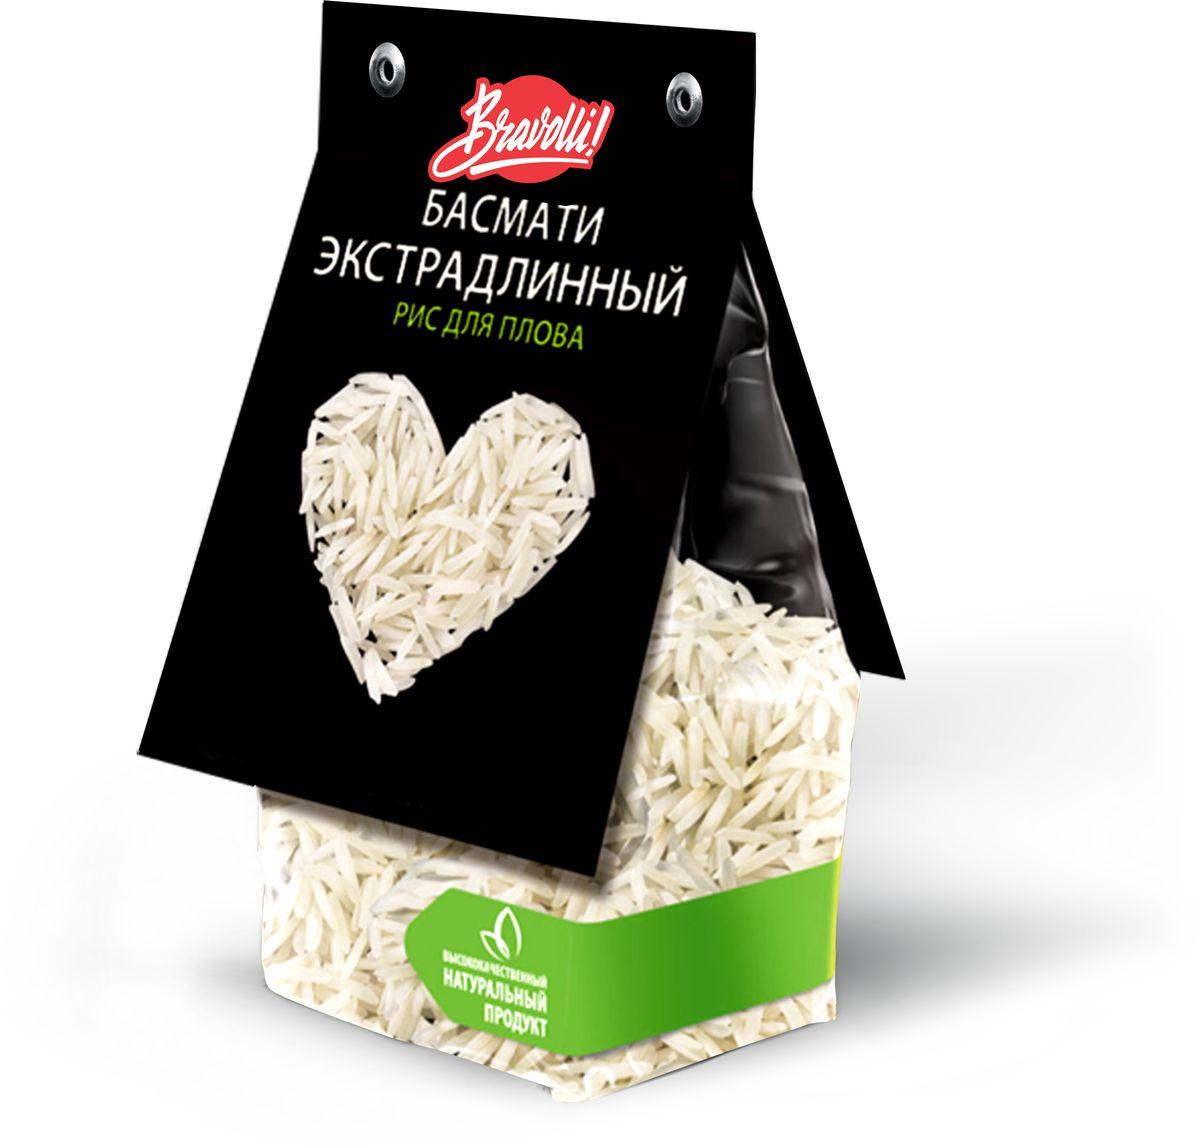 Басмати экстрадлинный - ароматный рис, имеет исключительно длинное зерно, увеличивающееся во время варки в 2 раза. Он обладает способностью хорошо поглощать жир и остается рассыпчатым после приготовления, что делает его идеальным рисом для плова.